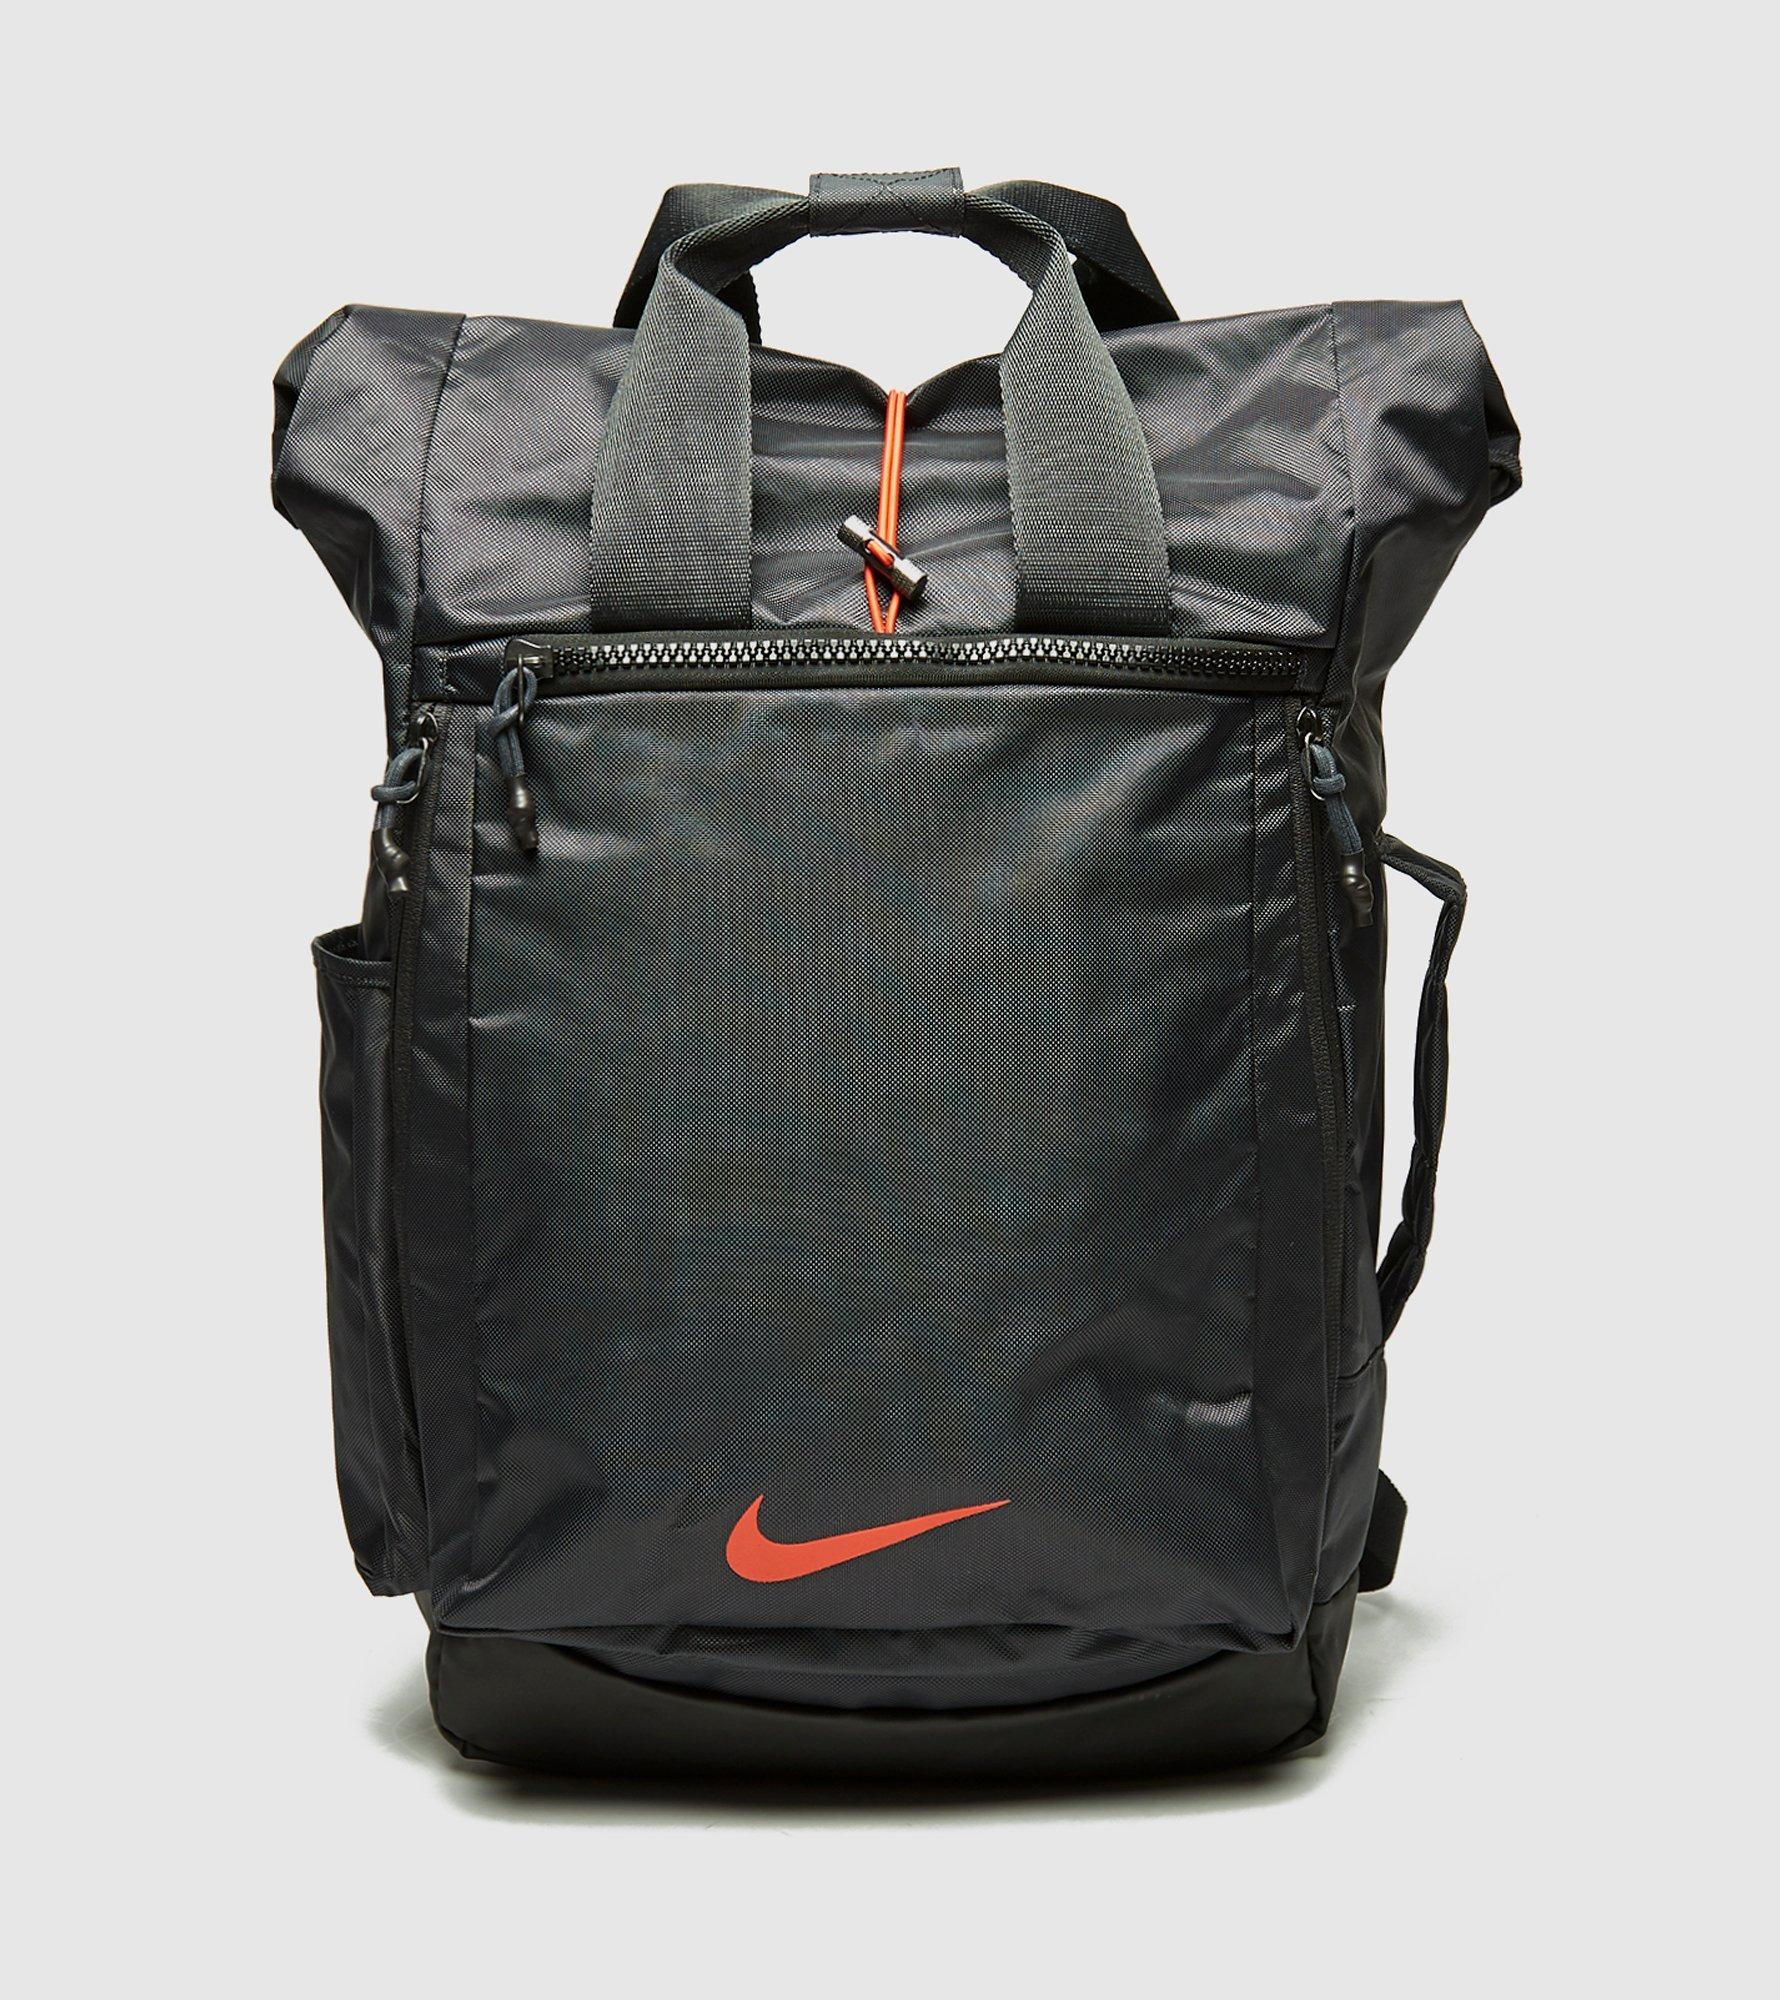 Nike Sac à Dos Vapor Energy 2.0   Size?